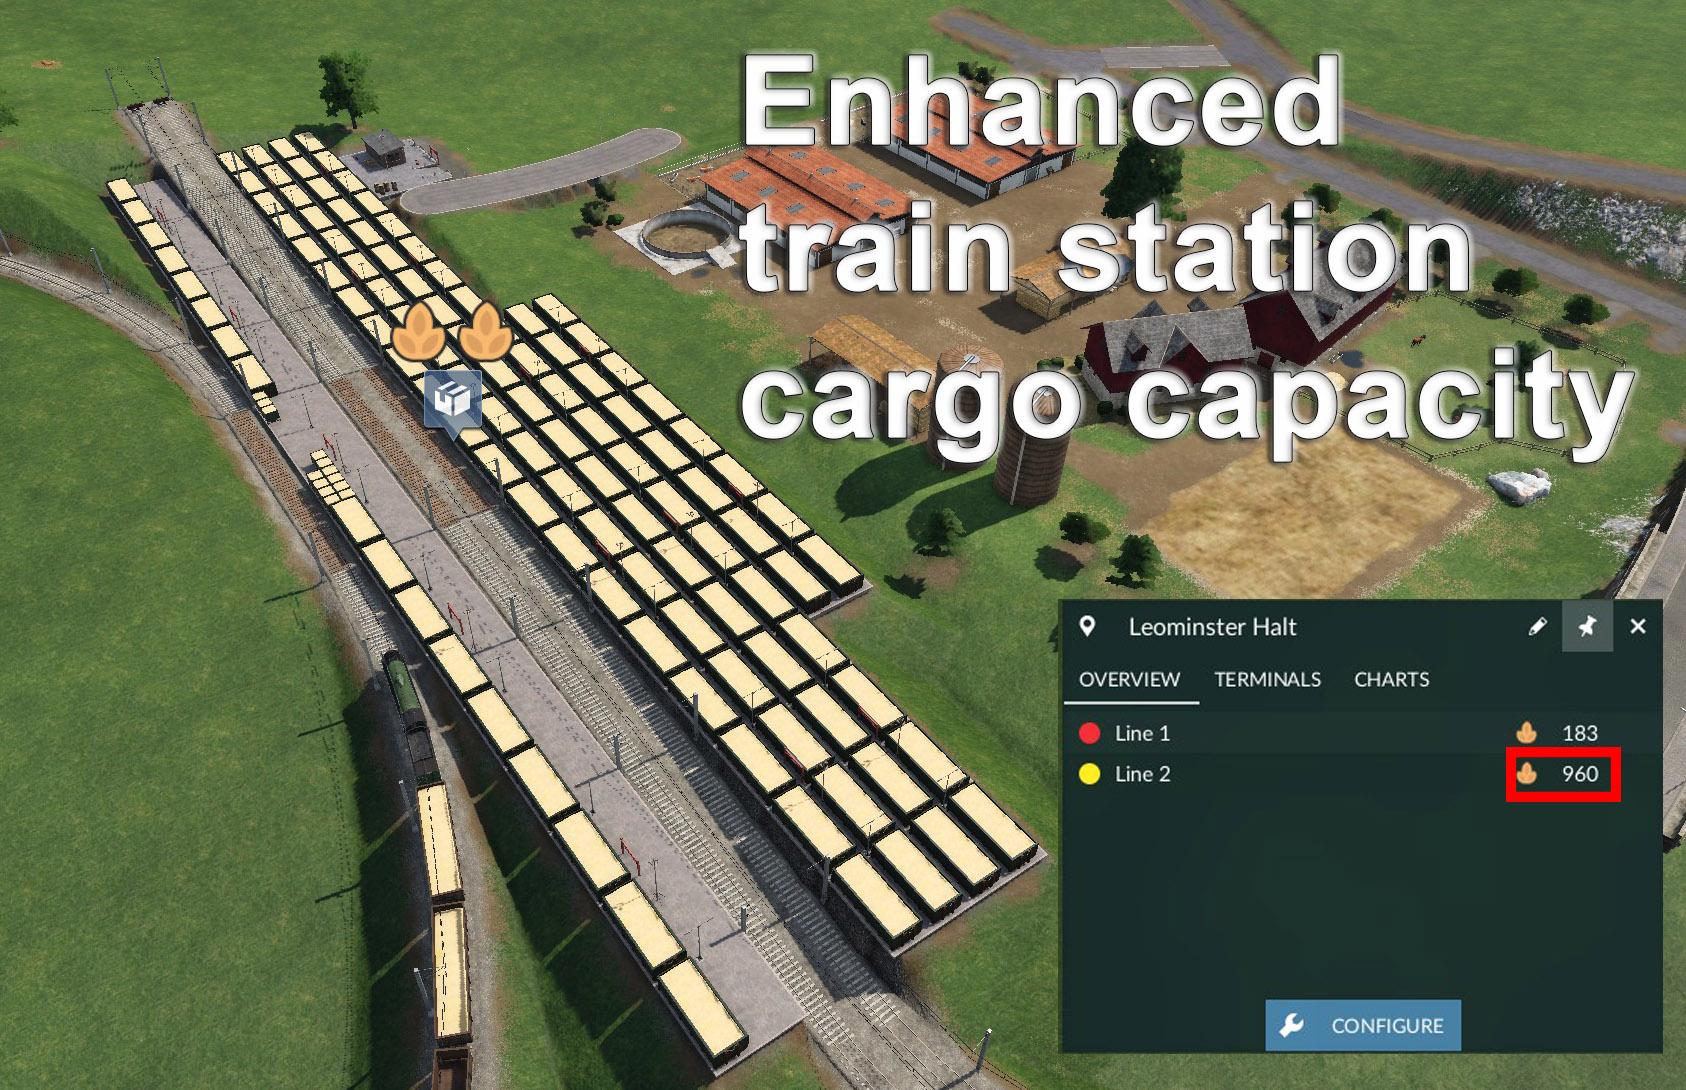 Transport Fever 2 - Enhanced Train Station Cargo Capacity